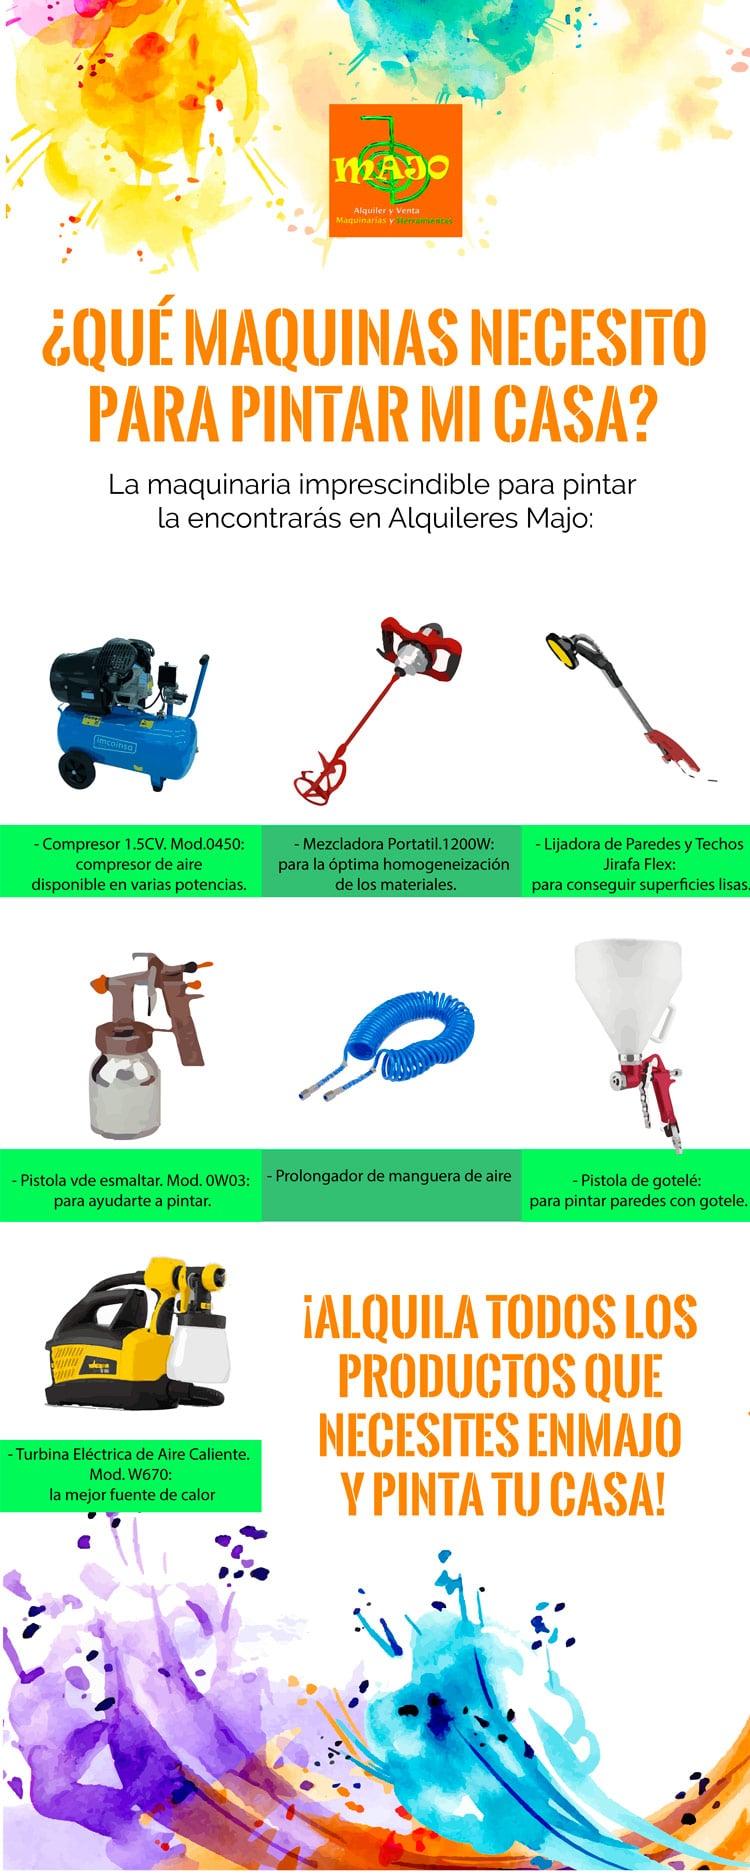 Alquiler de herramientas en Madrid Majo - Alquila las herramientas para pintar tu casa idóneas